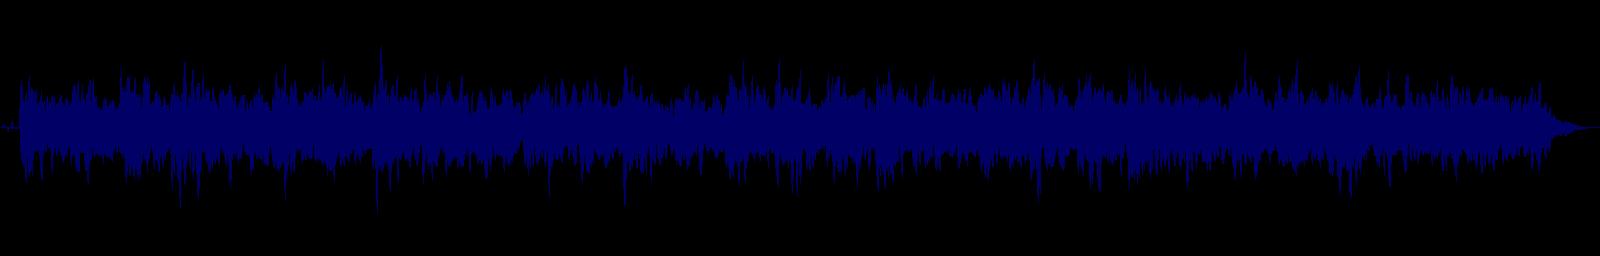 waveform of track #148465